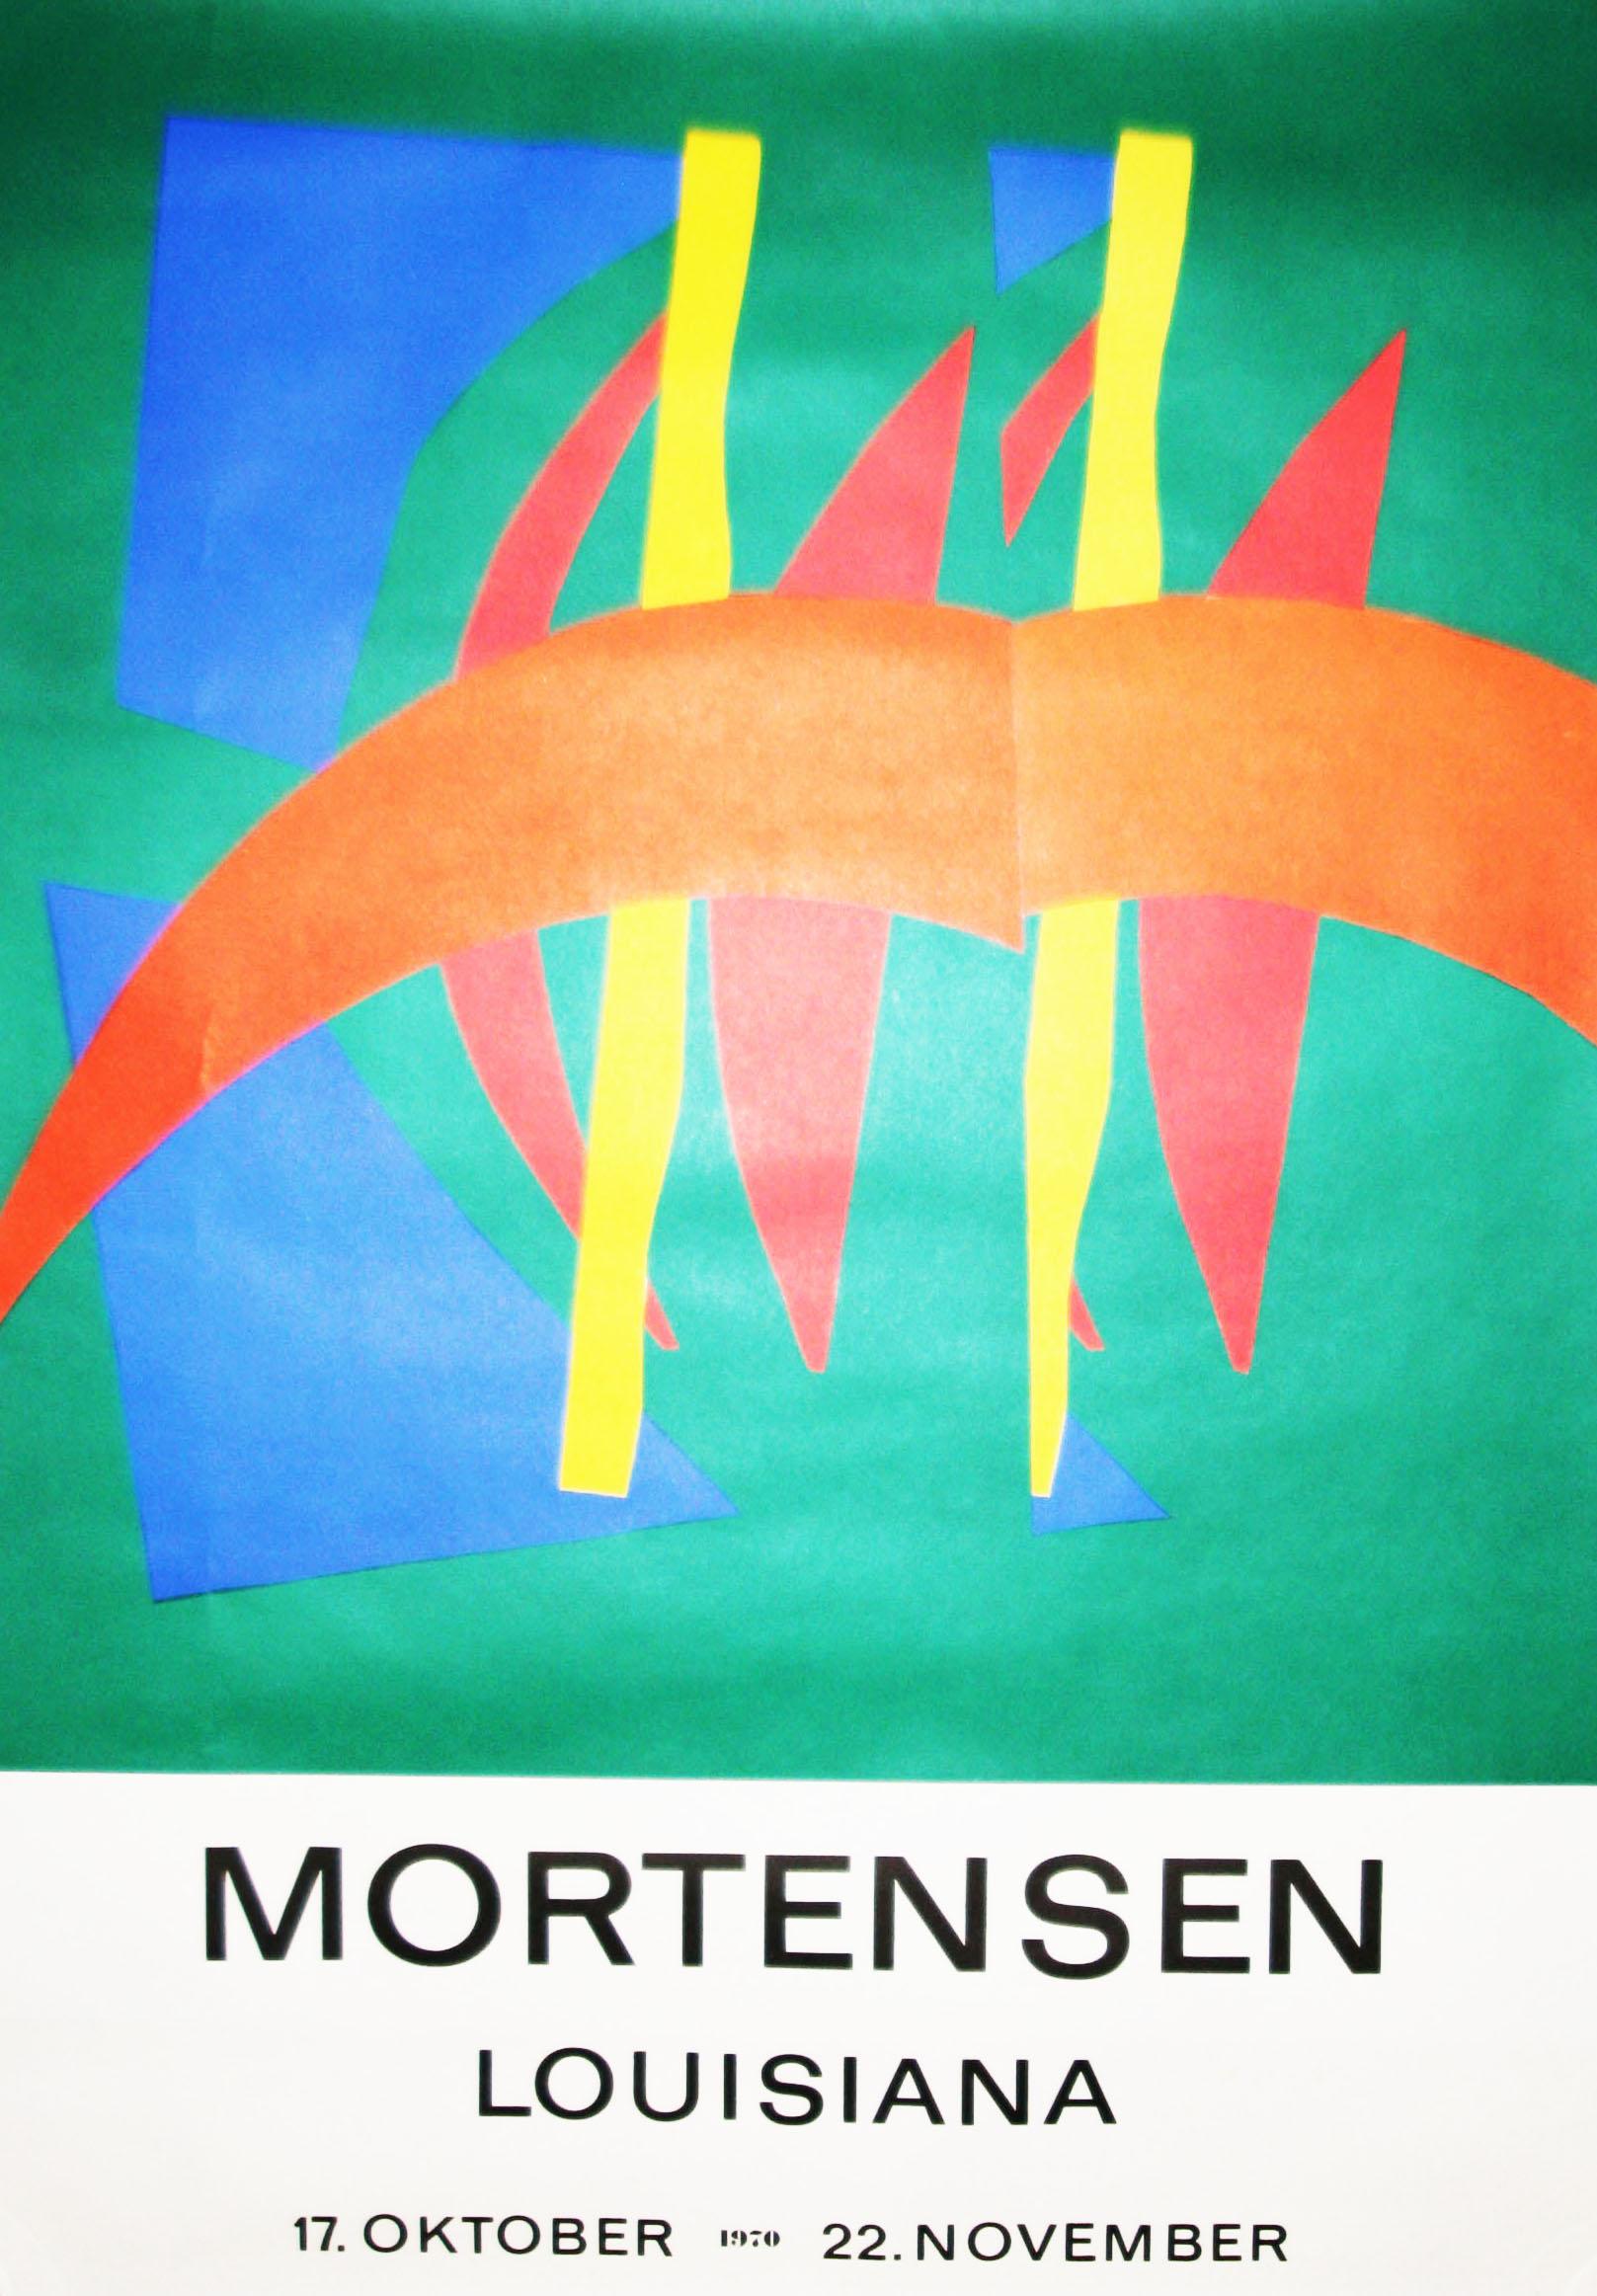 richard mortensen original udstillingsplakat 1970